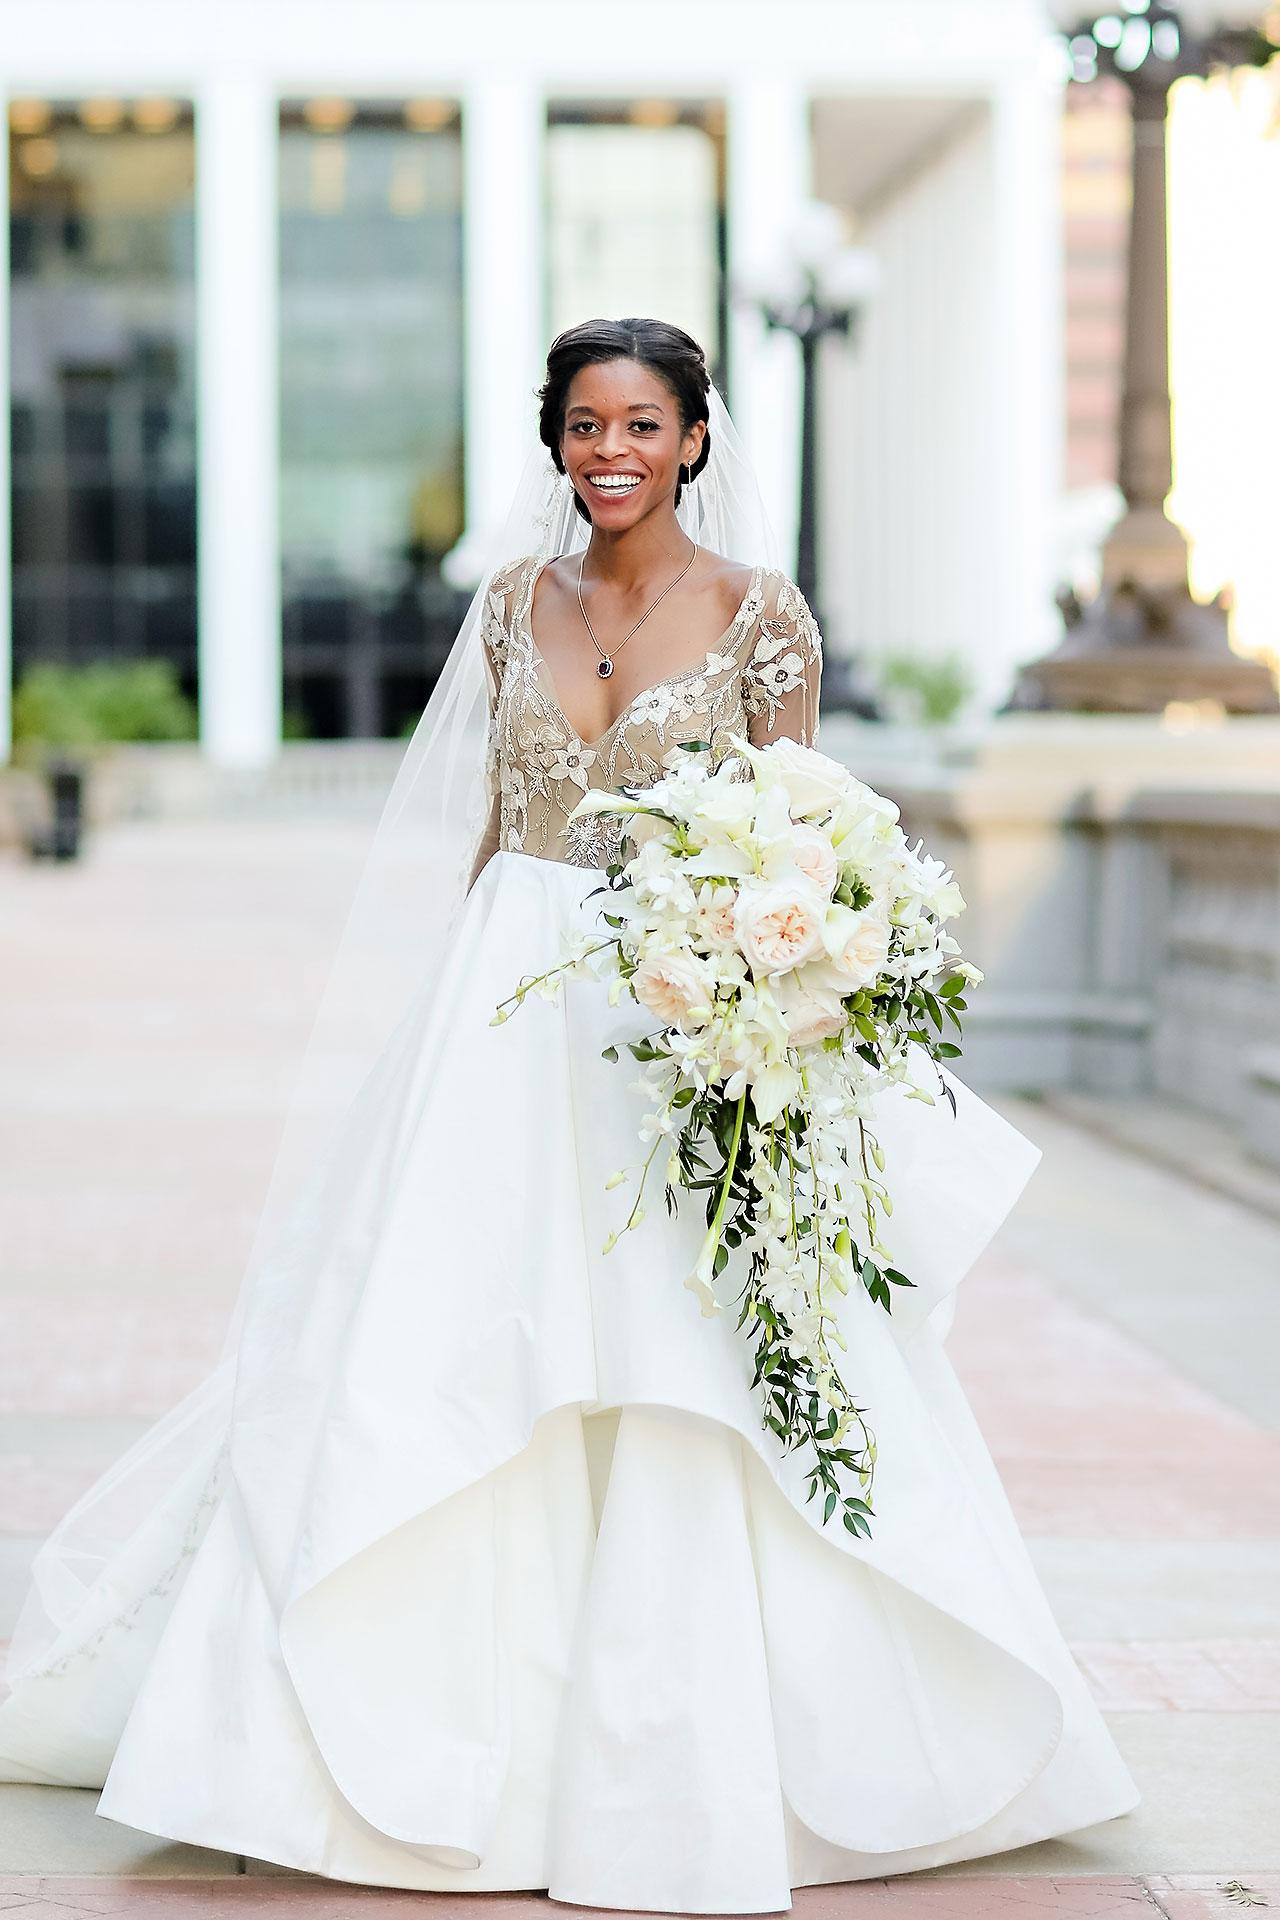 Joie Nikhil Indianapolis Christian Wedding 204